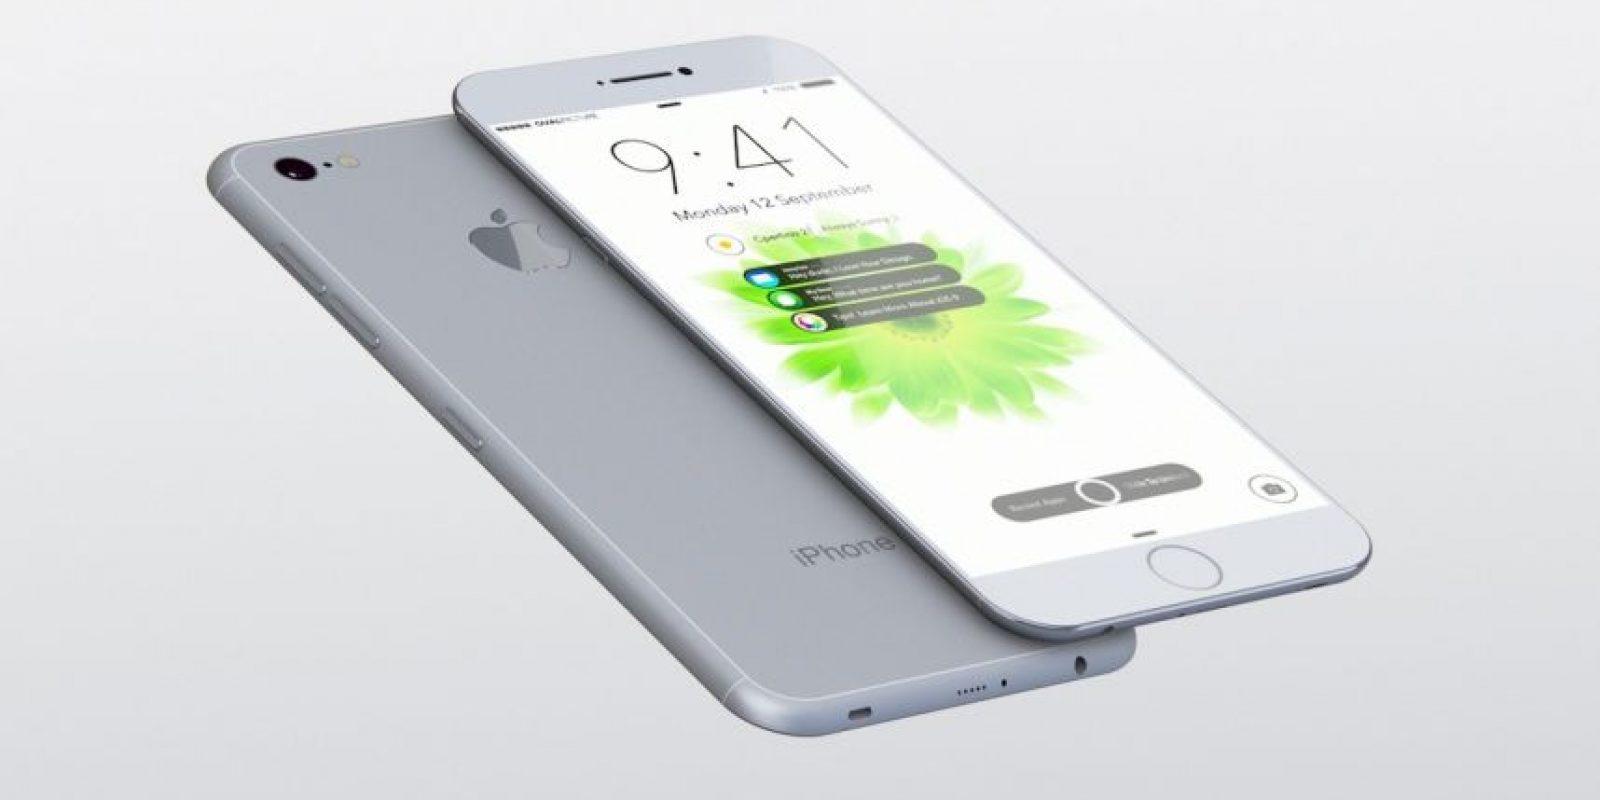 Con la inclusión de Force-Touch, Apple lograría darle una mayor fuerza a su pantalla y permitir que los usuarios interactúen de más formas con su iPhone. Foto:Tumblr